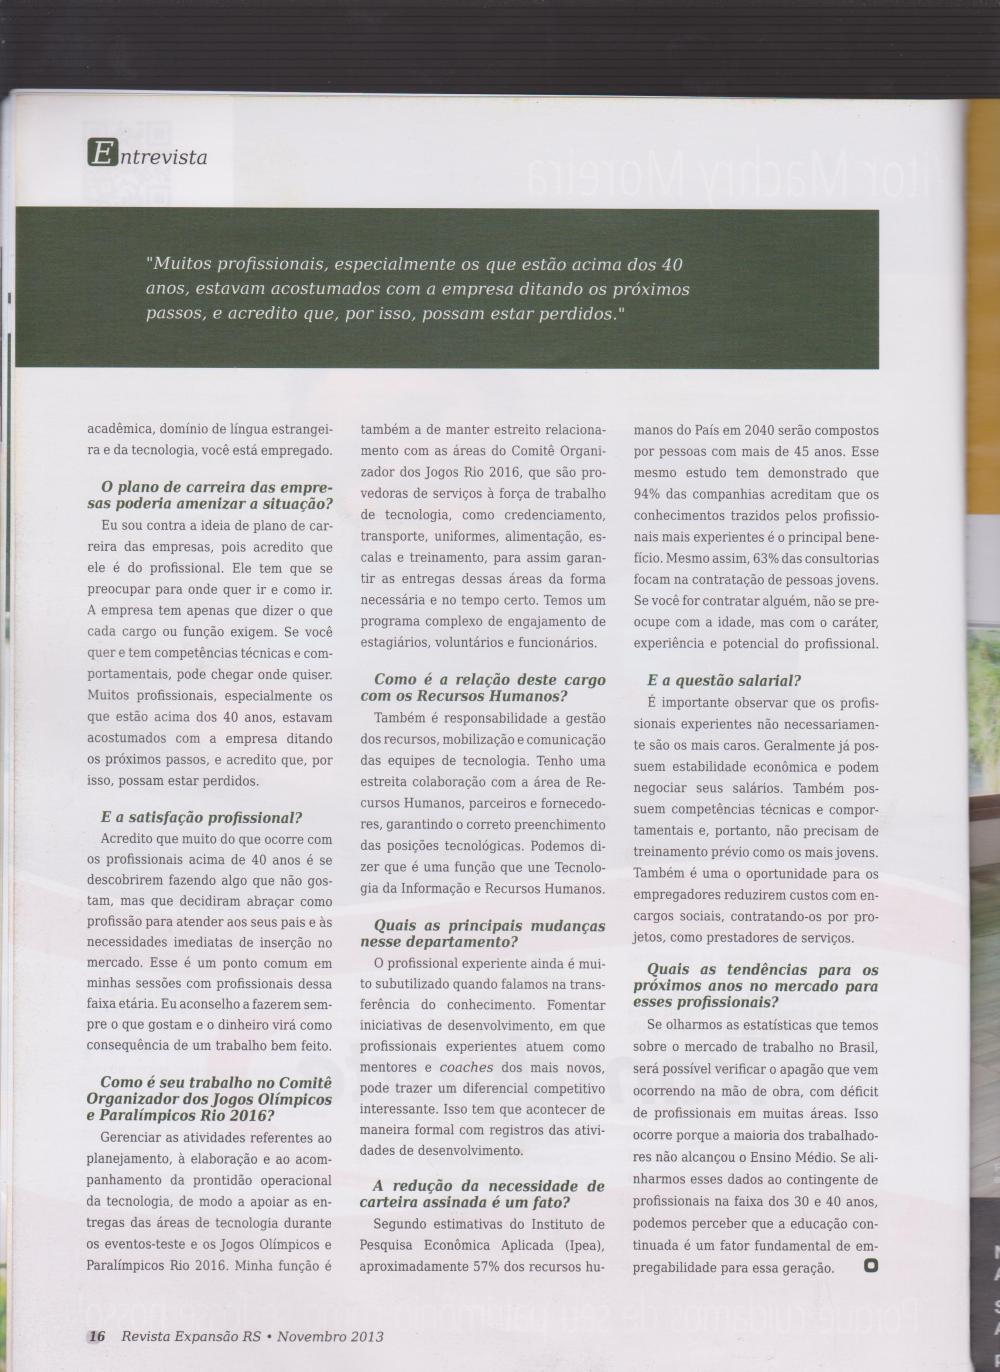 01.11.2013 Revista Expansão p15.jpg